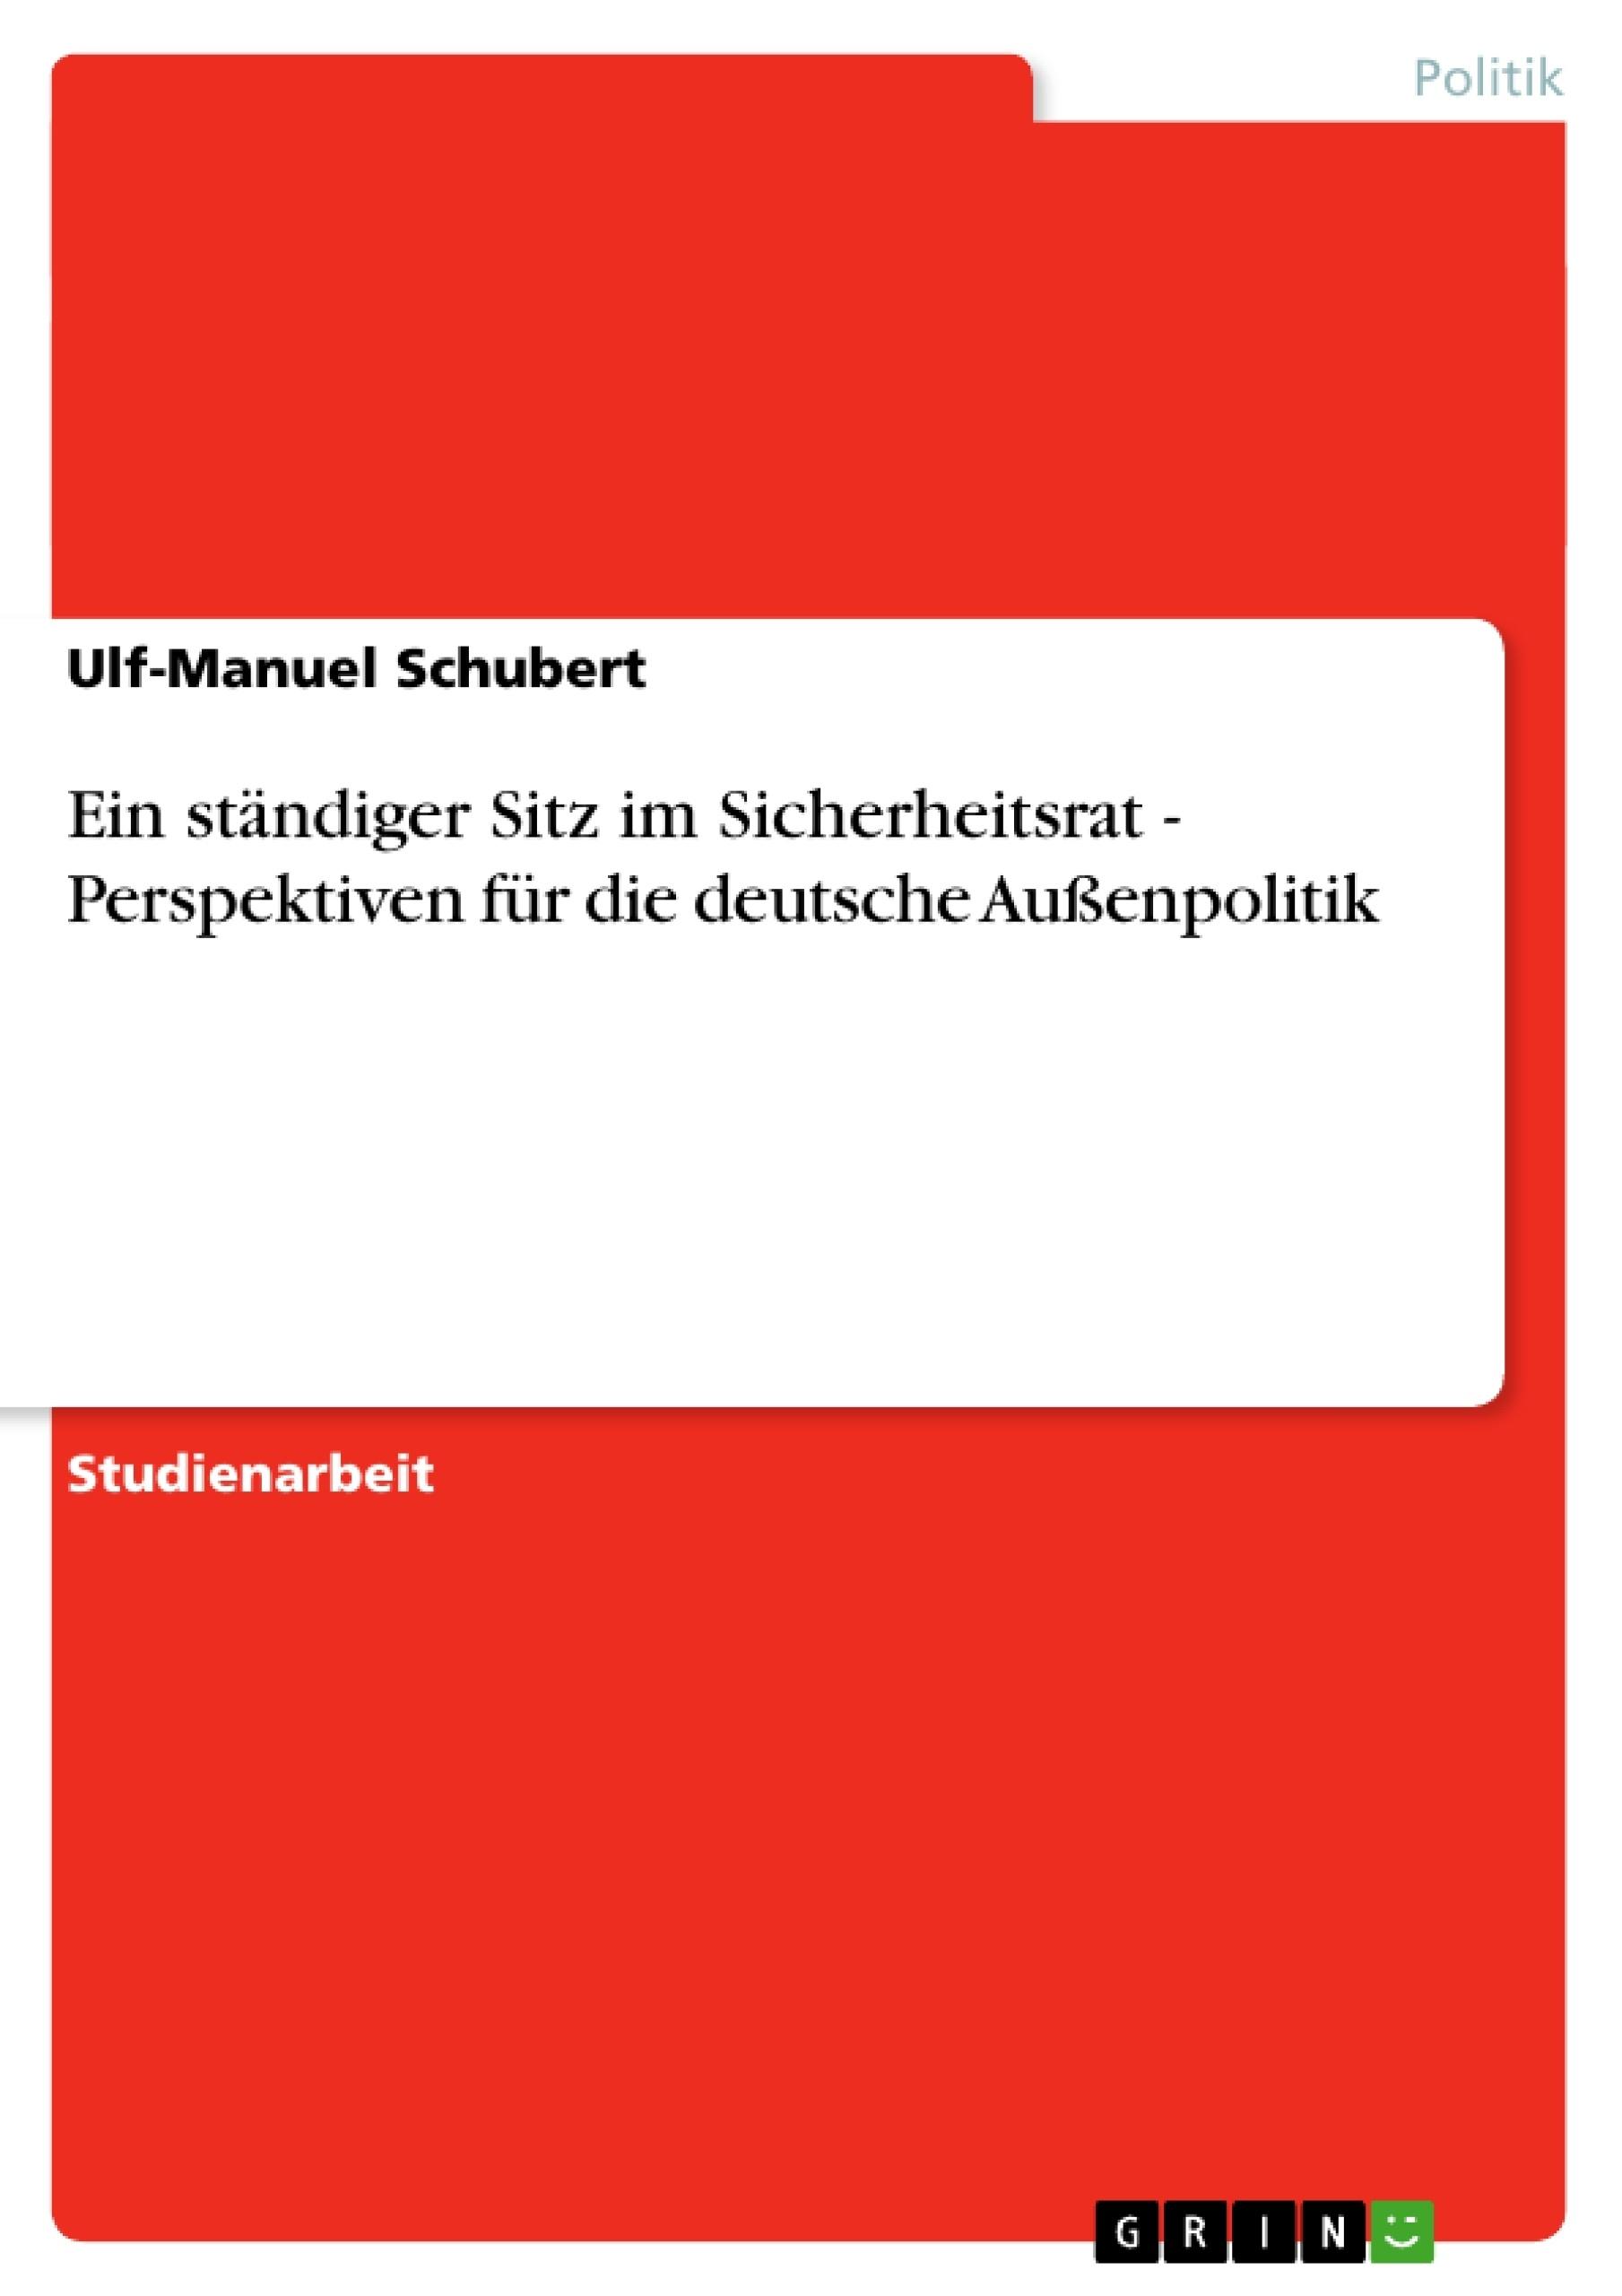 Titel: Ein ständiger Sitz im Sicherheitsrat - Perspektiven für die deutsche Außenpolitik